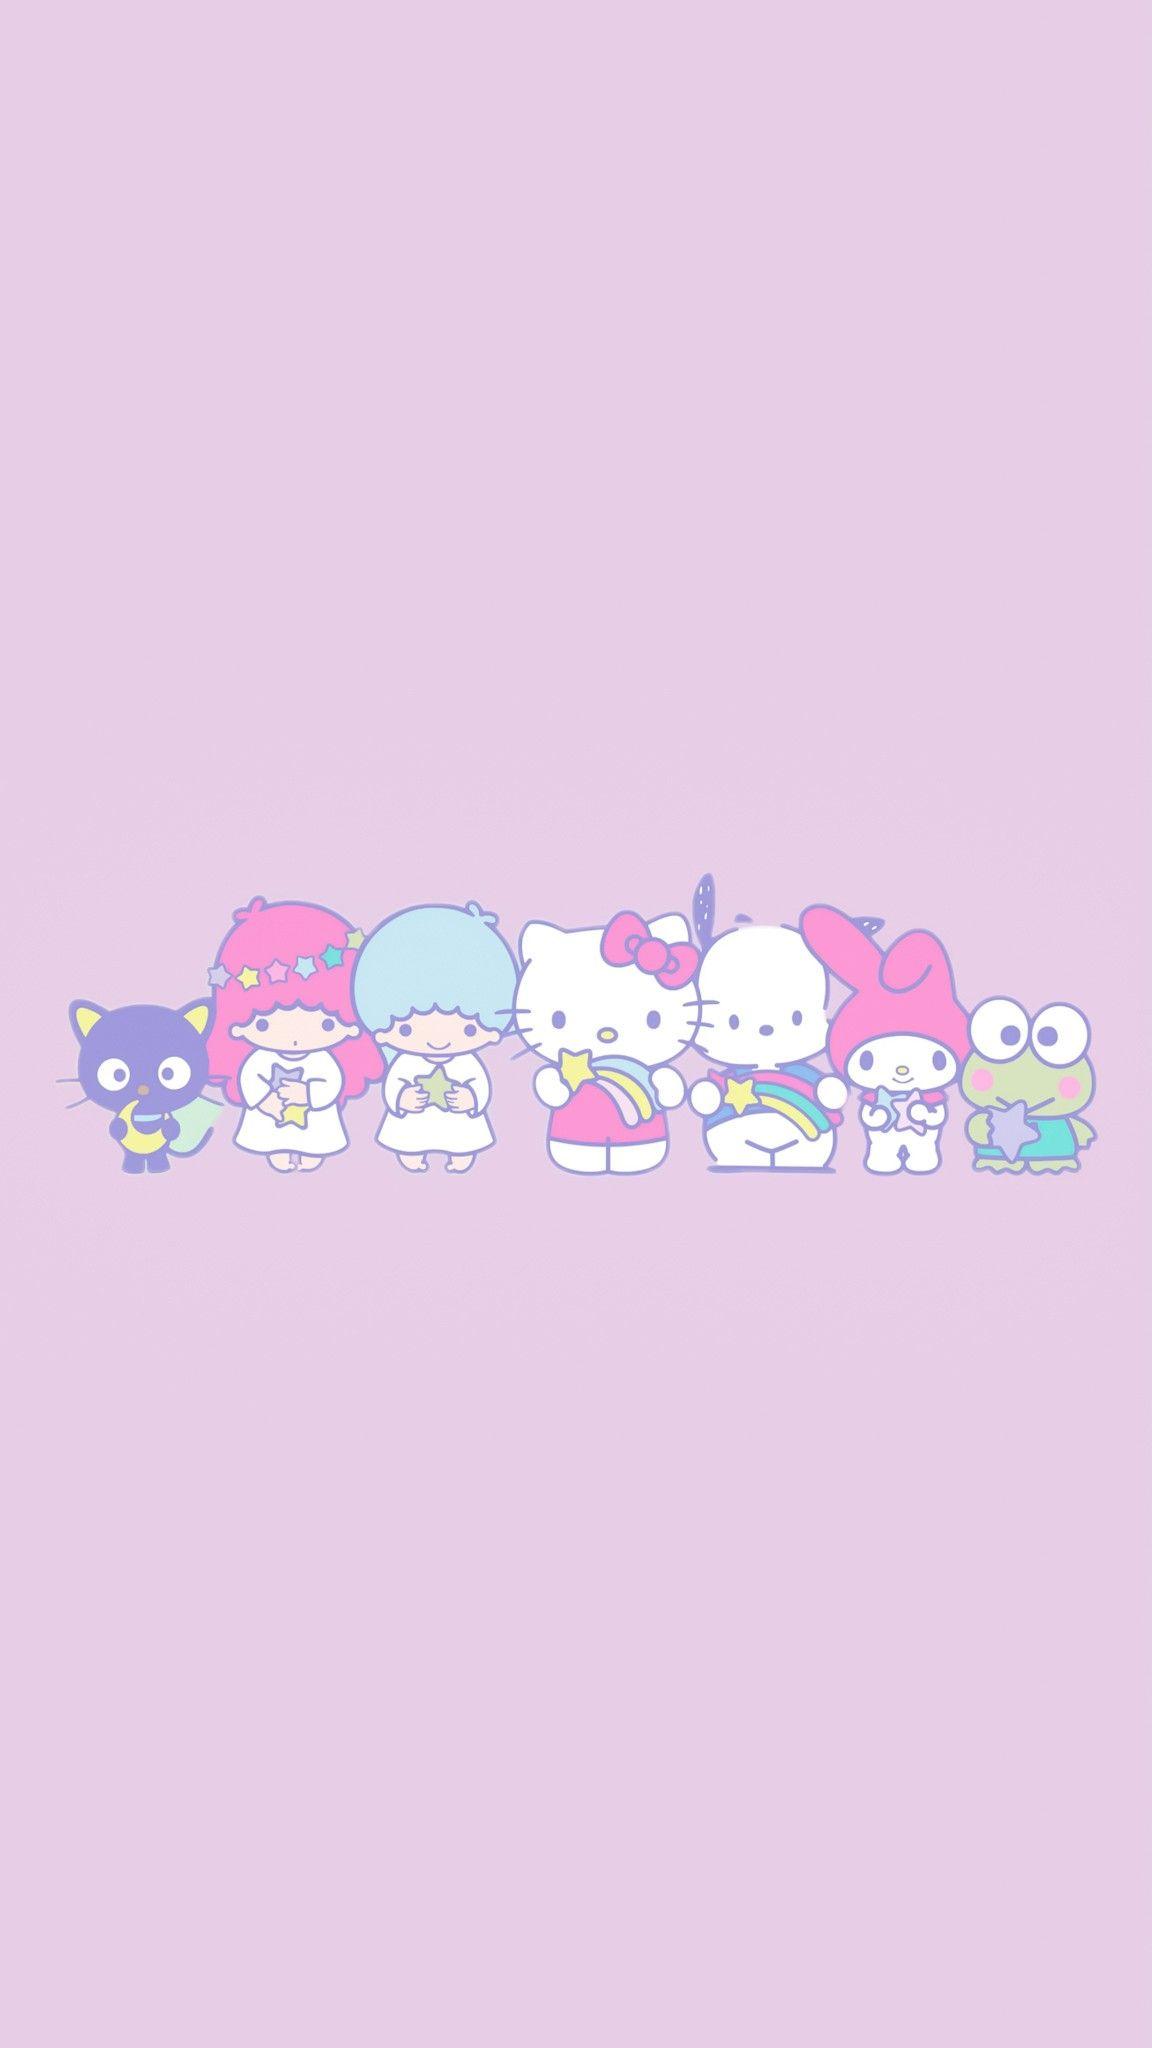 Pin By Aekkalisa On Sanrio Bg Kitty Wallpaper Hello Kitty Wallpaper Cute Wallpapers